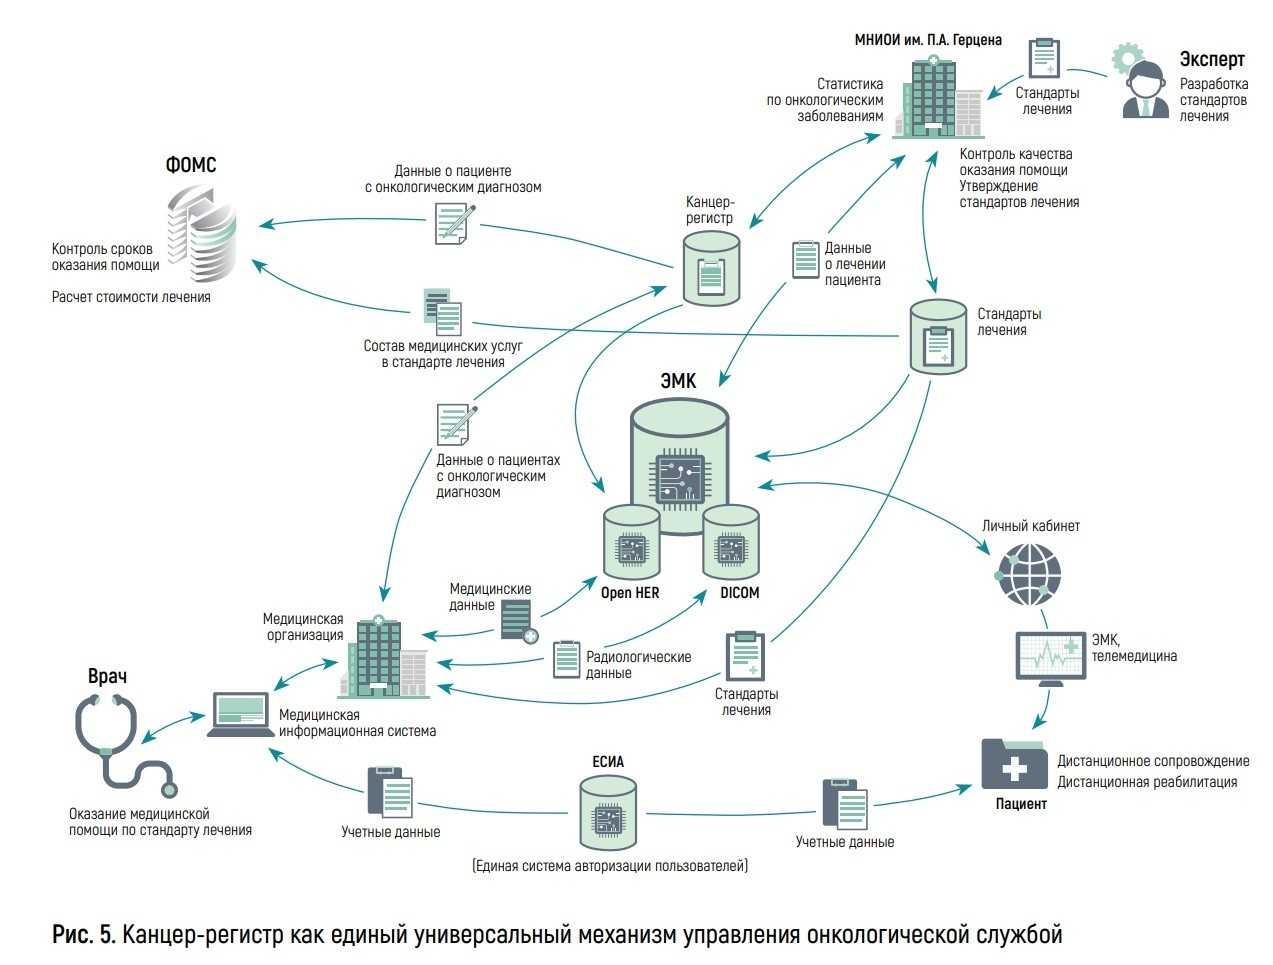 Канцер-регистр как единый универсальный механизм управления онкологической службой